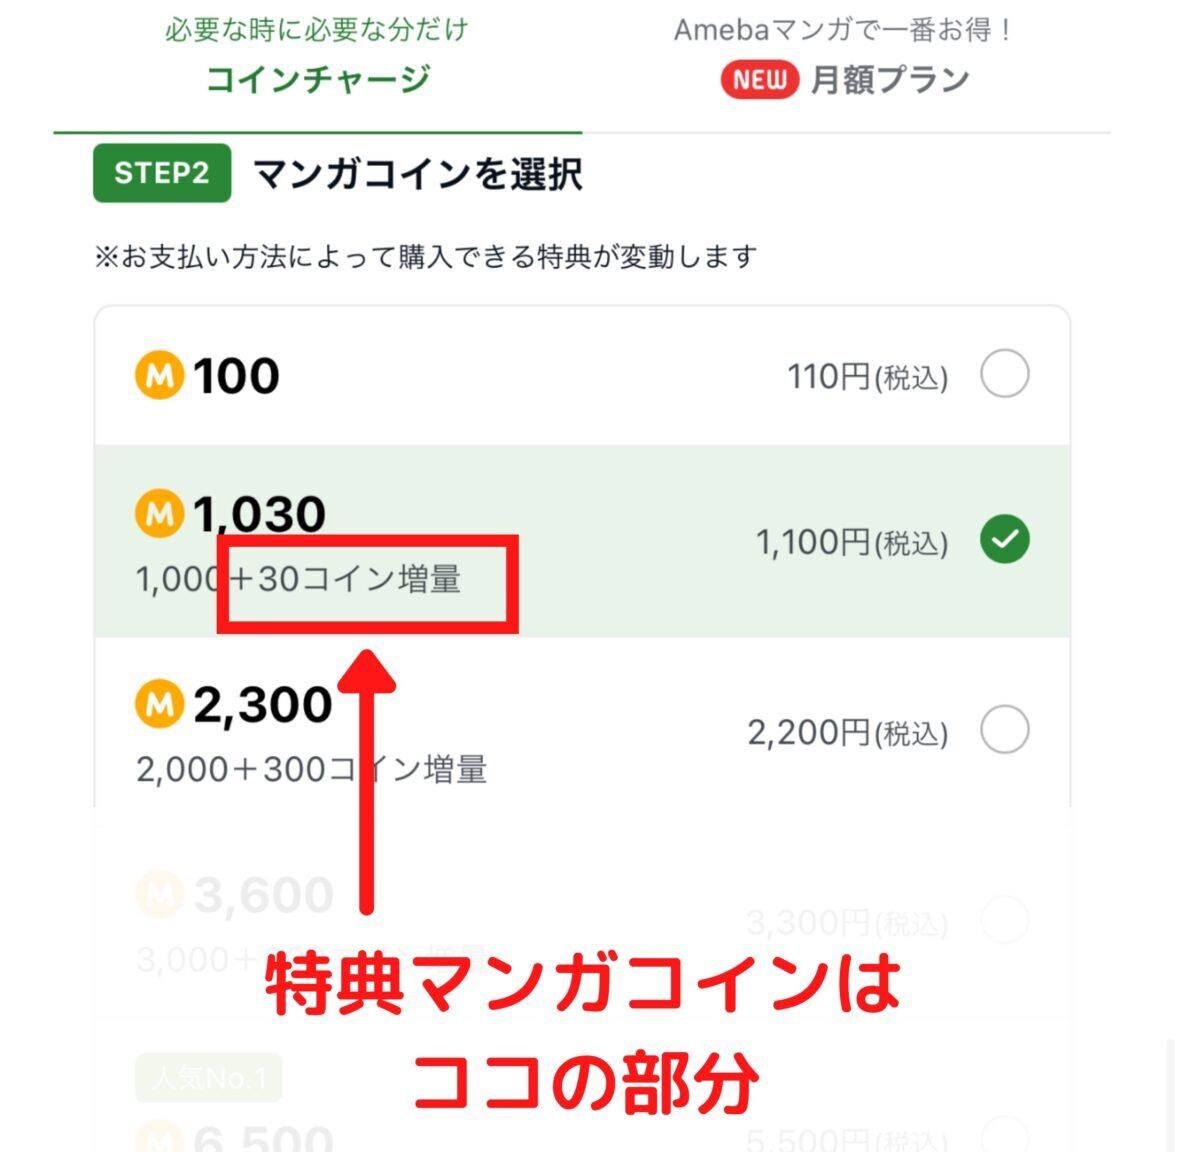 特典マンガコインの枚数は+の後に表示された数字